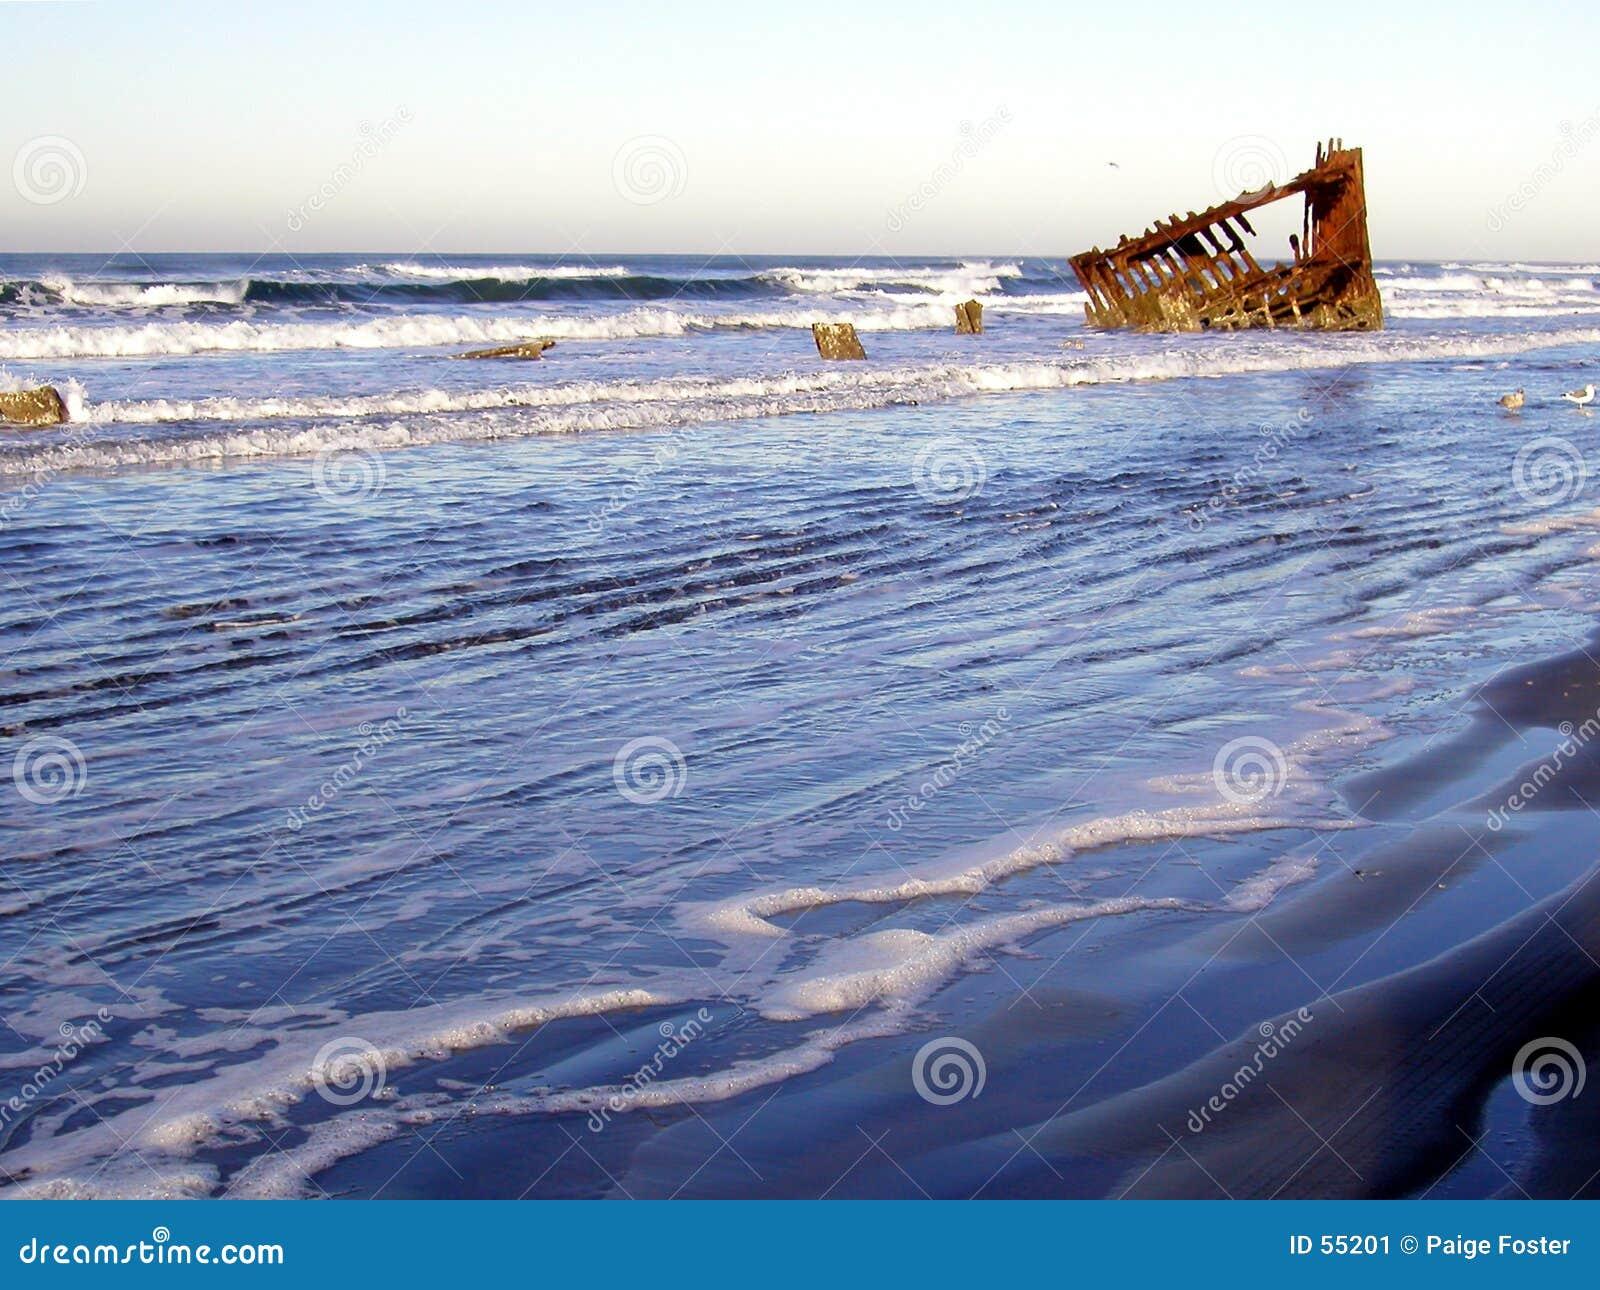 Download Épave 1 de matin image stock. Image du coulage, épave, bateau - 55201